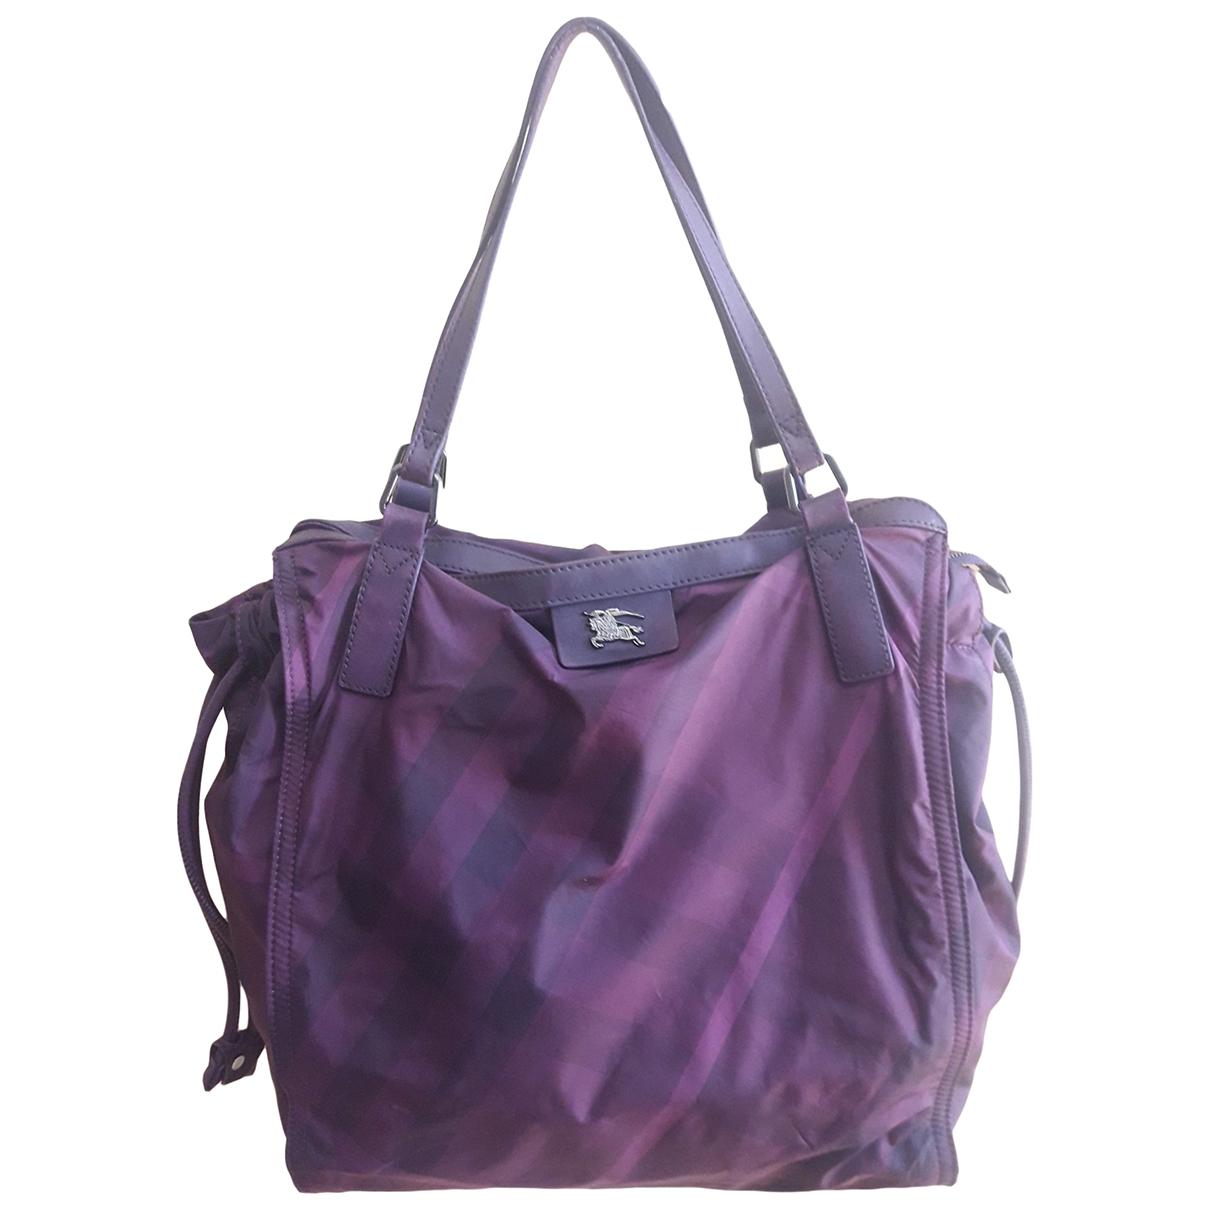 Burberry \N Handtasche in  Lila Leinen